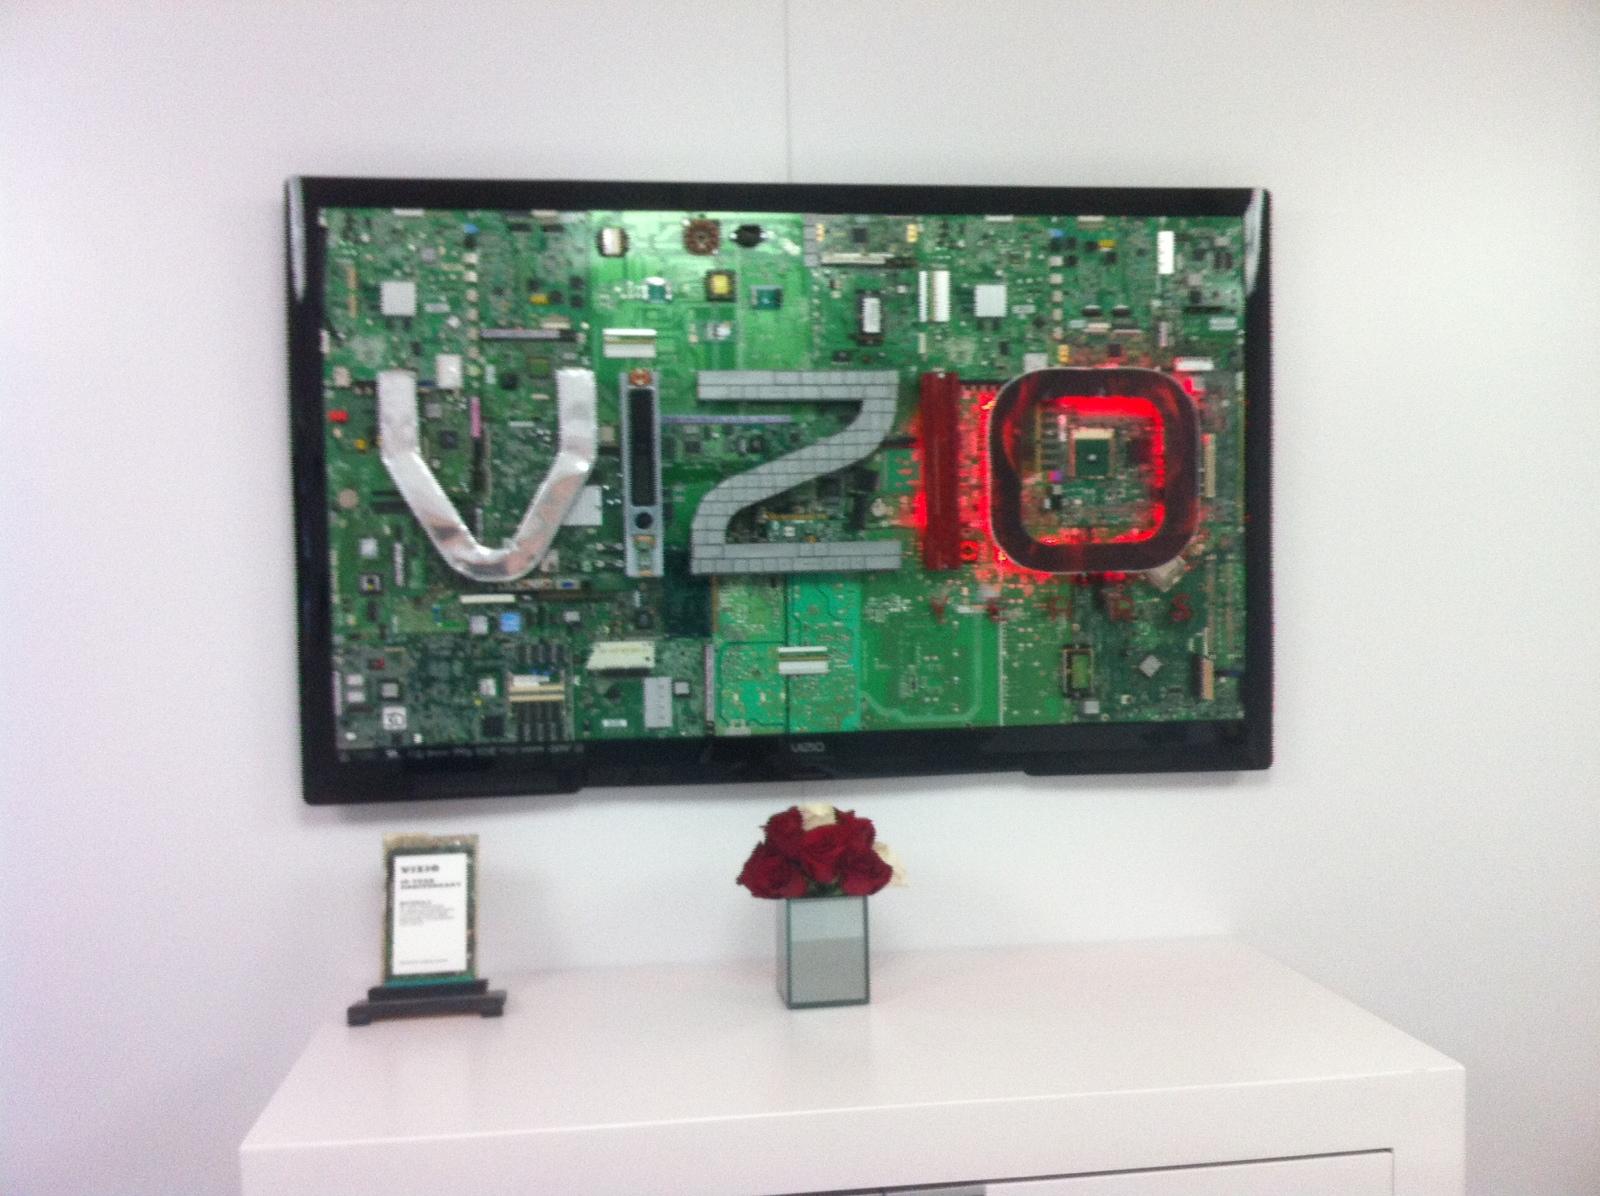 VIZIO 10 Year Anniversary Sculpture  Commissioned by VIZIO